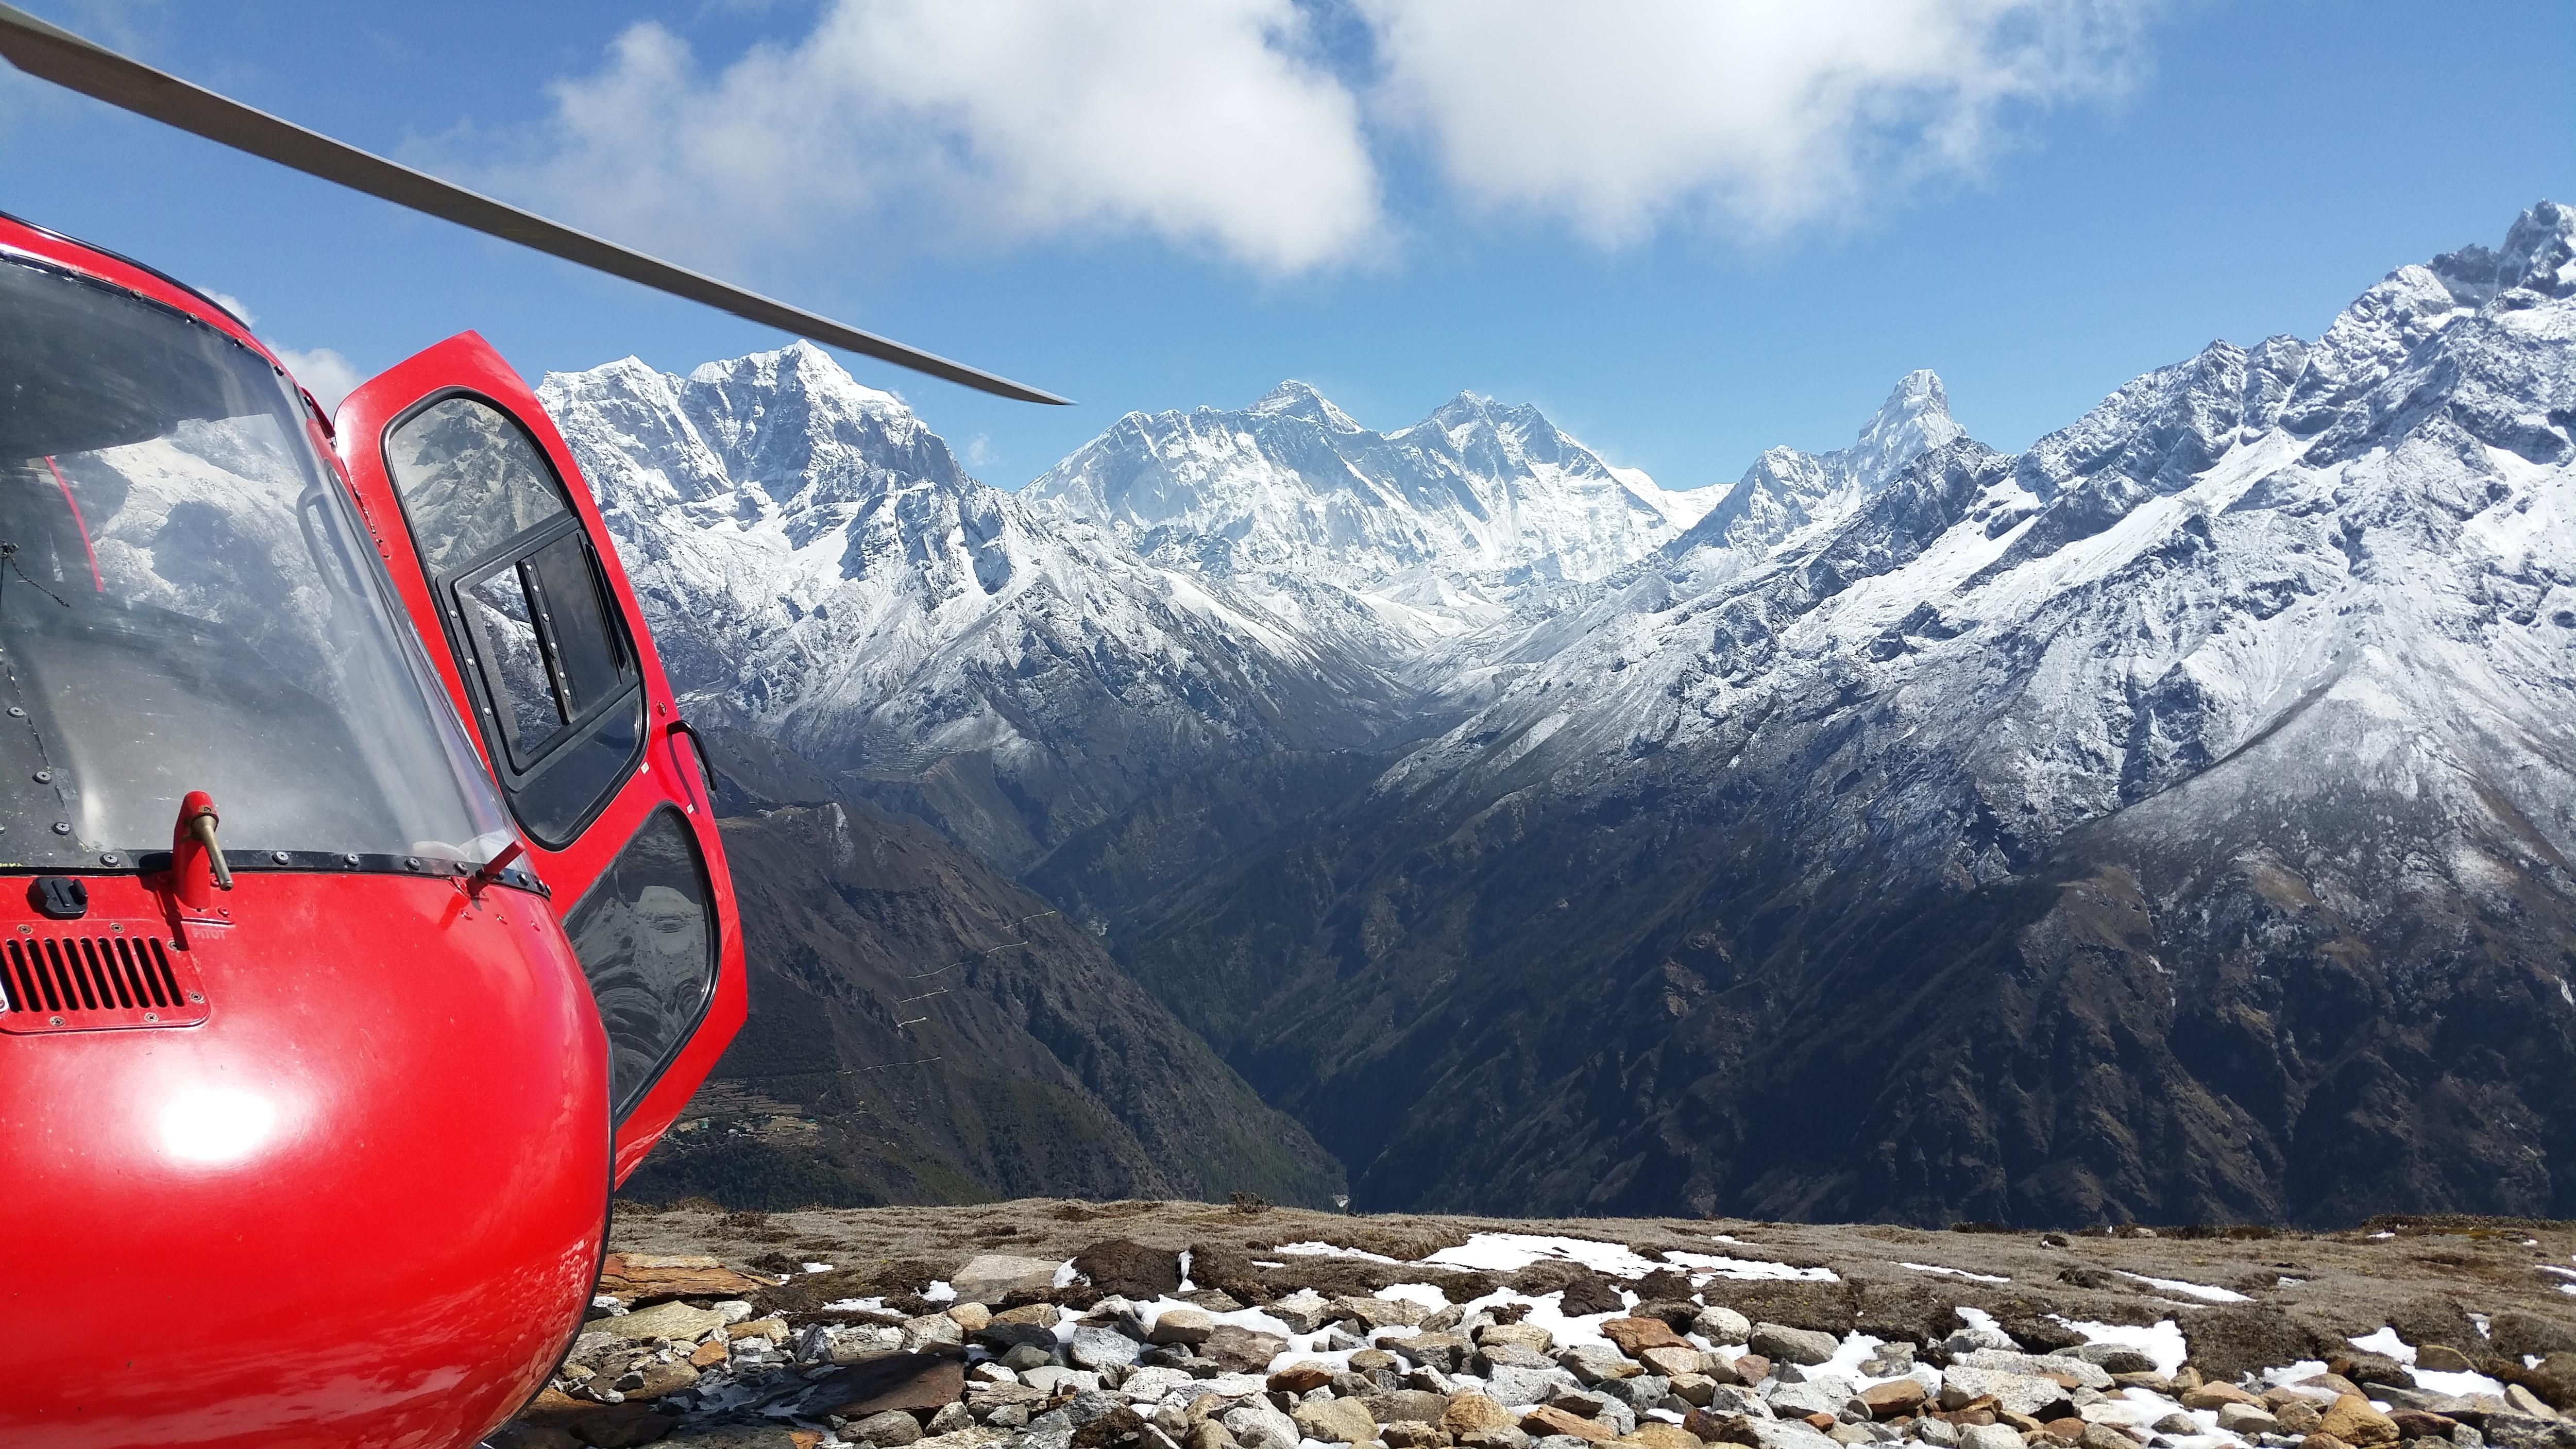 Film, solo in volo, maurizio folini, elisoccorso, himalaya, nepal, Trento Film Festival,